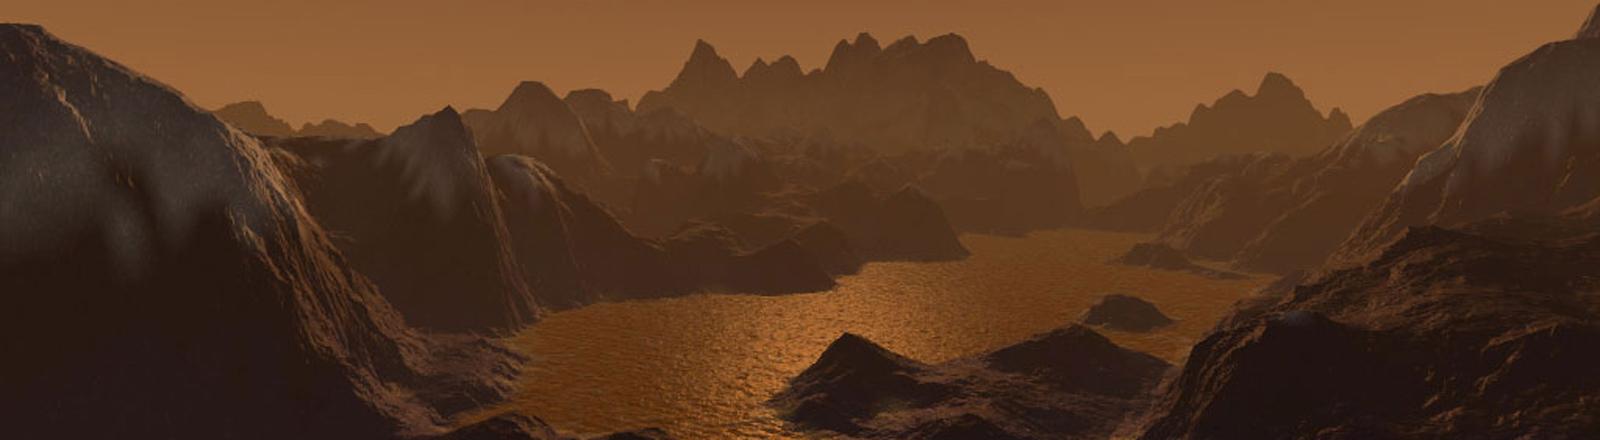 Die Illustration zeigt den Saturnmond Titan mit kohlenstoffhaltigen Seen und felsigem Terrain.